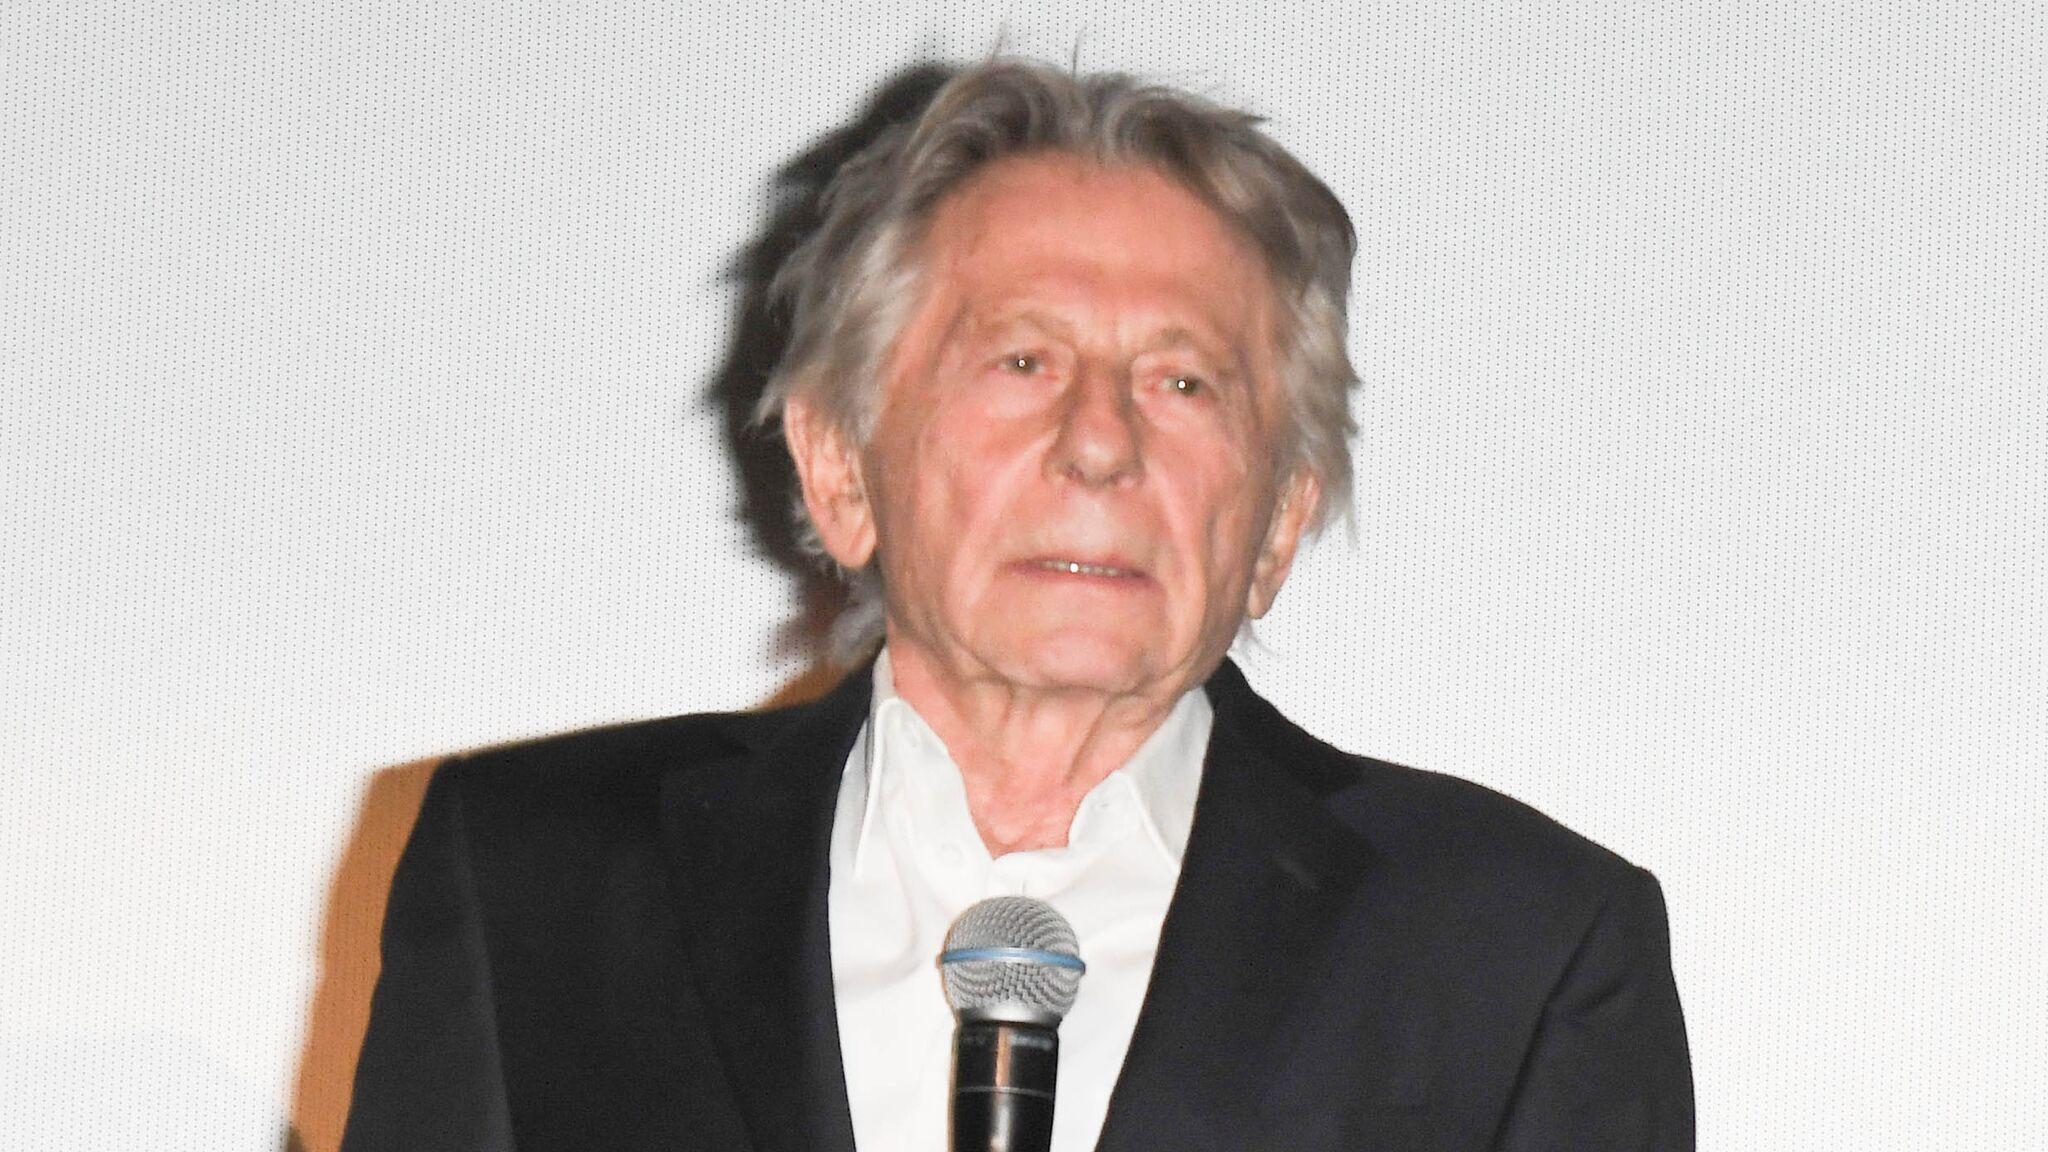 Affaire Polanski : deux membres du gouvernement refusent d'aller voir J'accuse